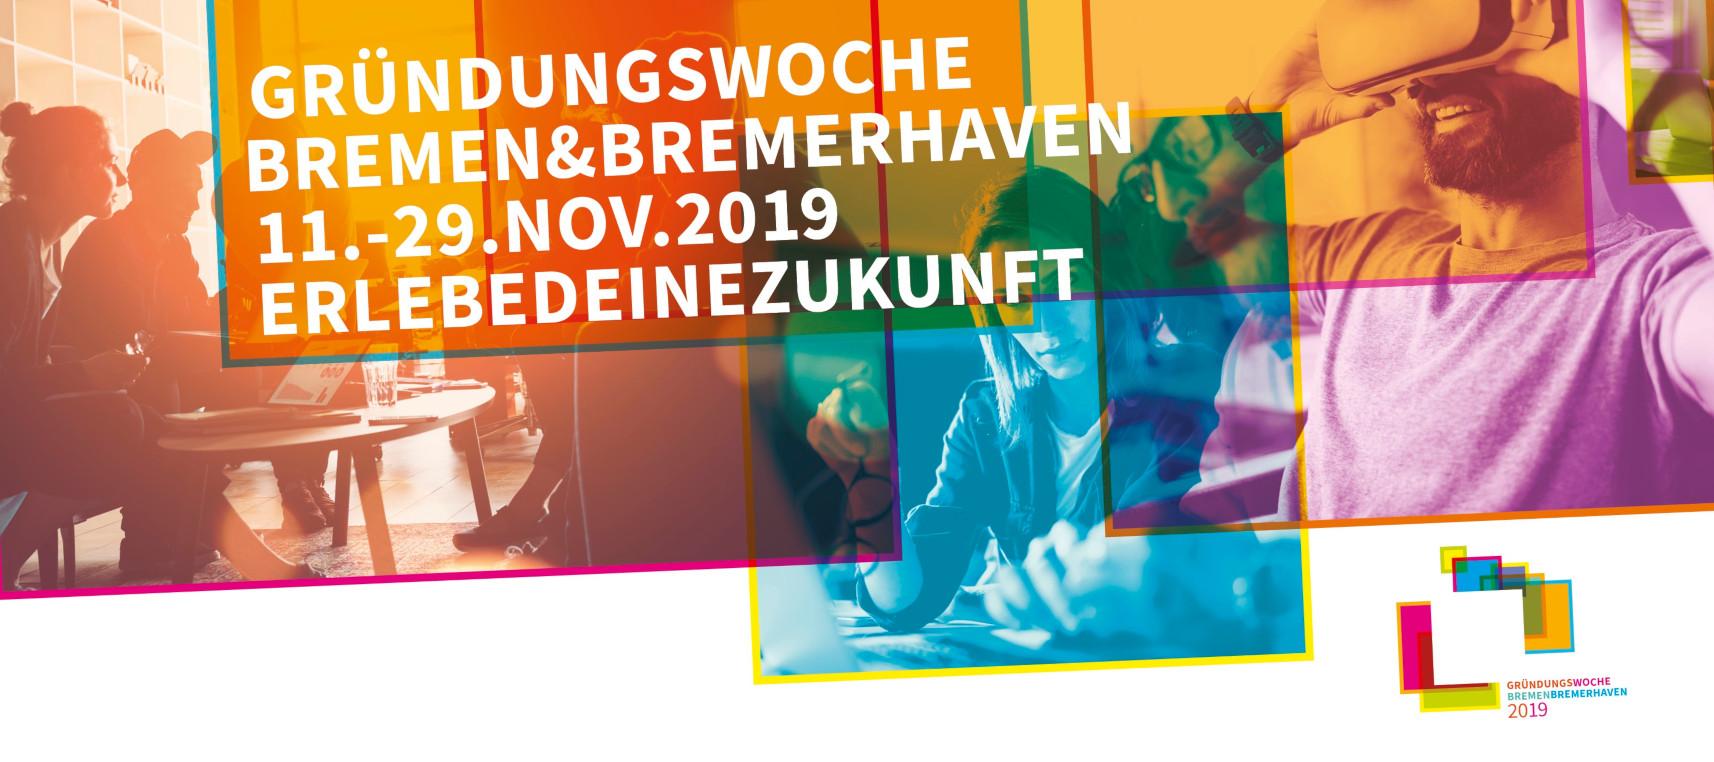 Start der Gründungswoche Bremen und Bremerhaven